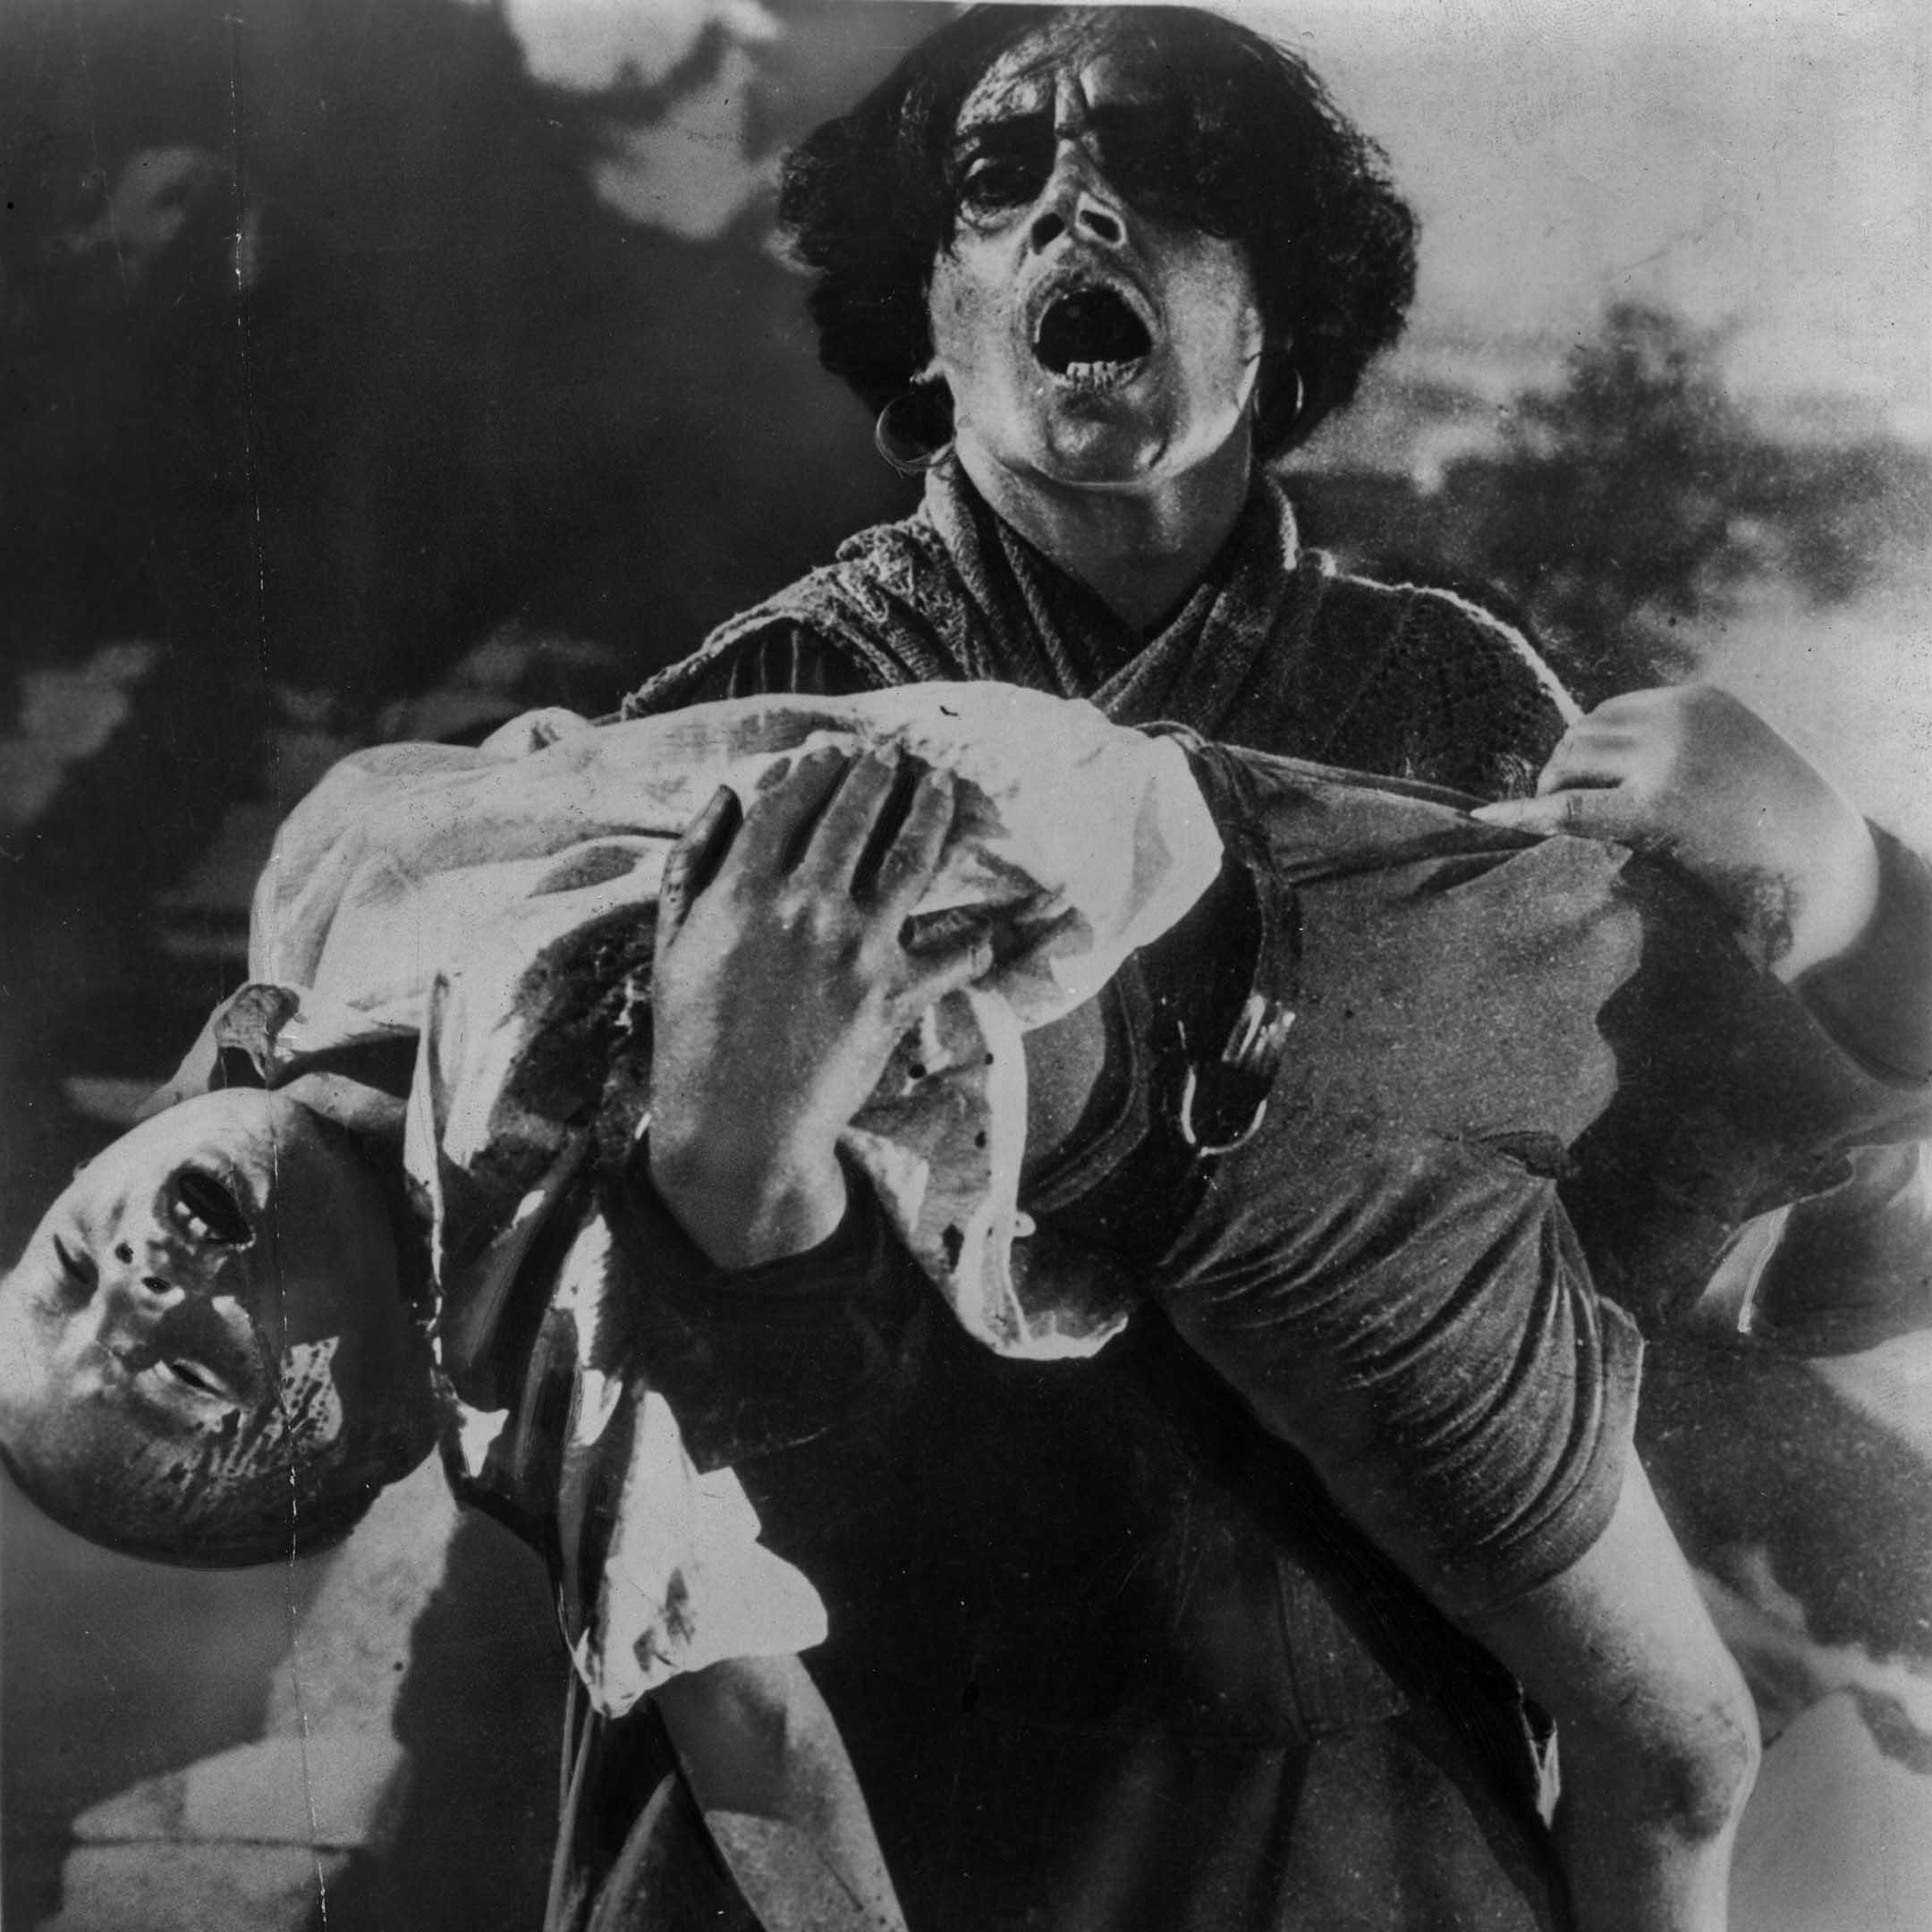 導演愛森斯坦的電影《戰艦波將金號》。